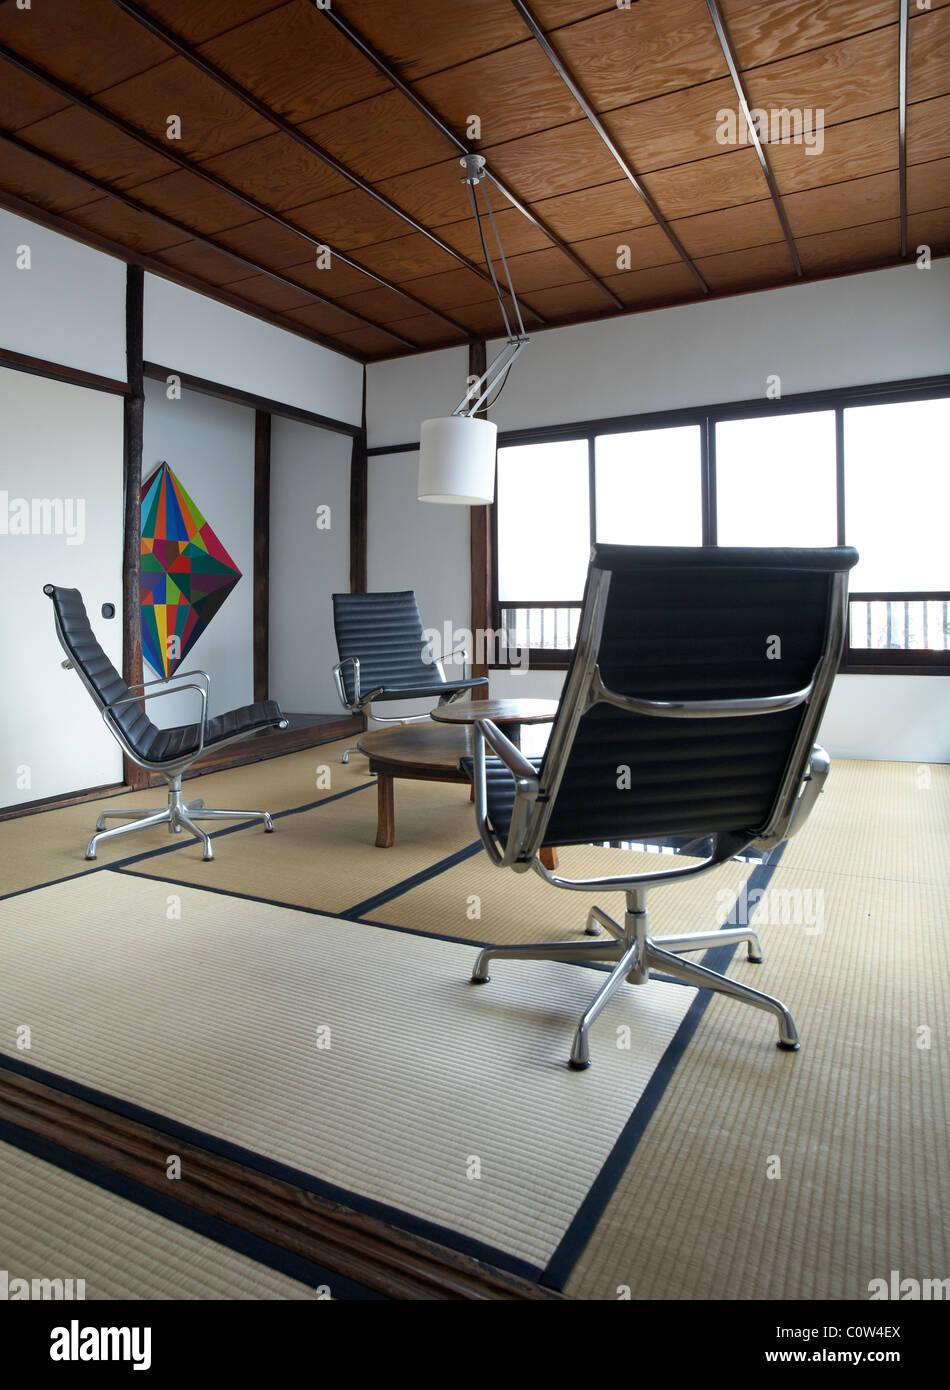 Zeitgenössische Tatami Zimmer In Einem Japanischen Wohnzimmer Mit C. Eames  Office Lounge Sessel